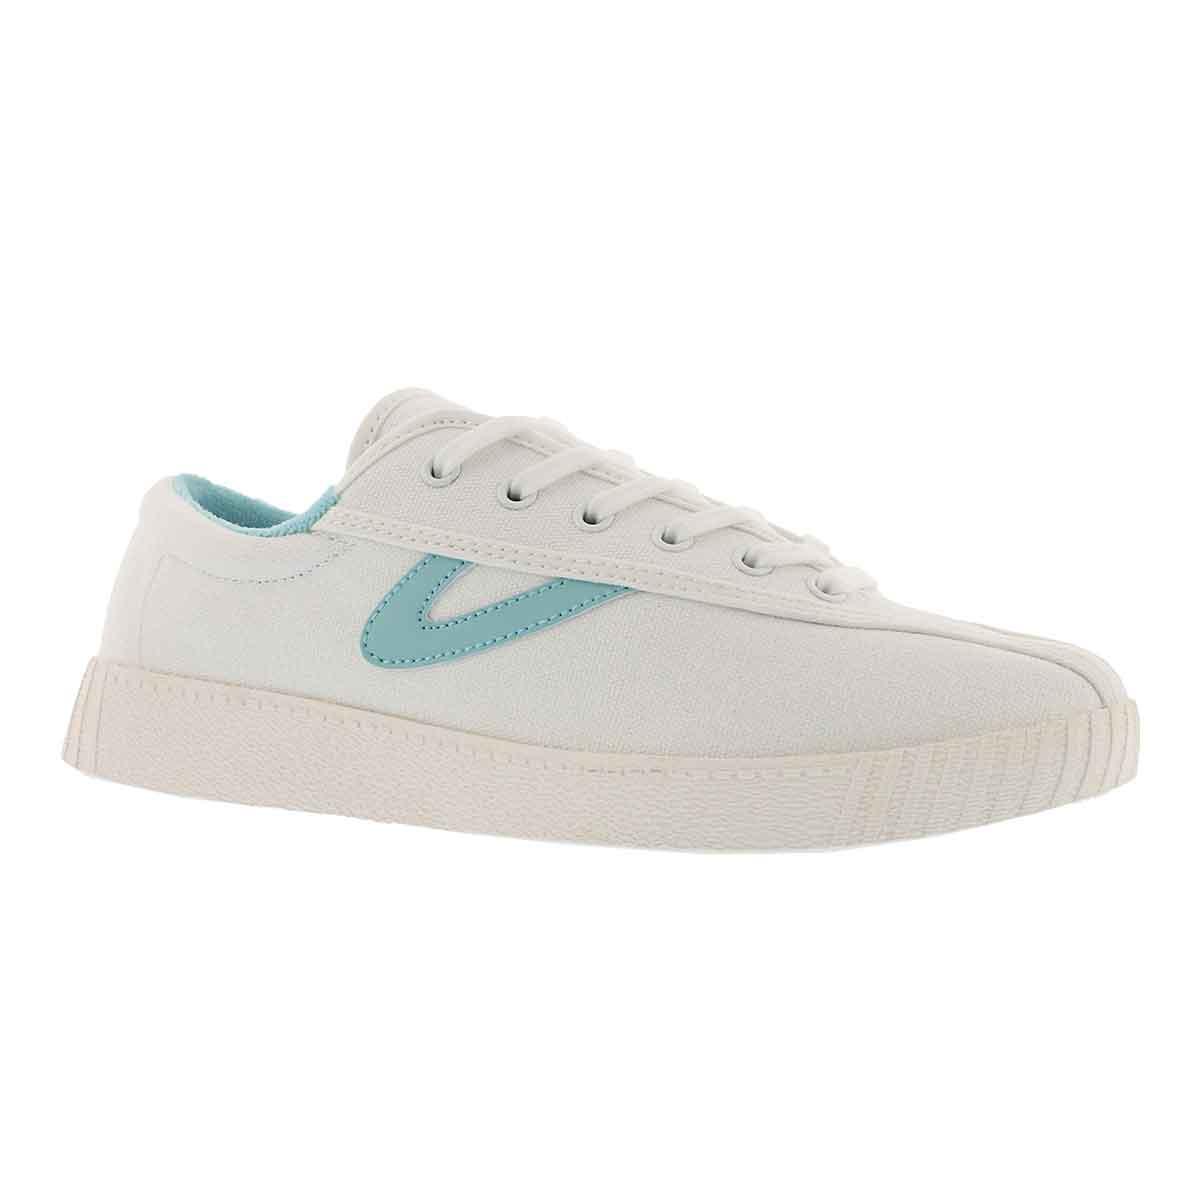 Women's NYLITE PLUS white/blue sneaker